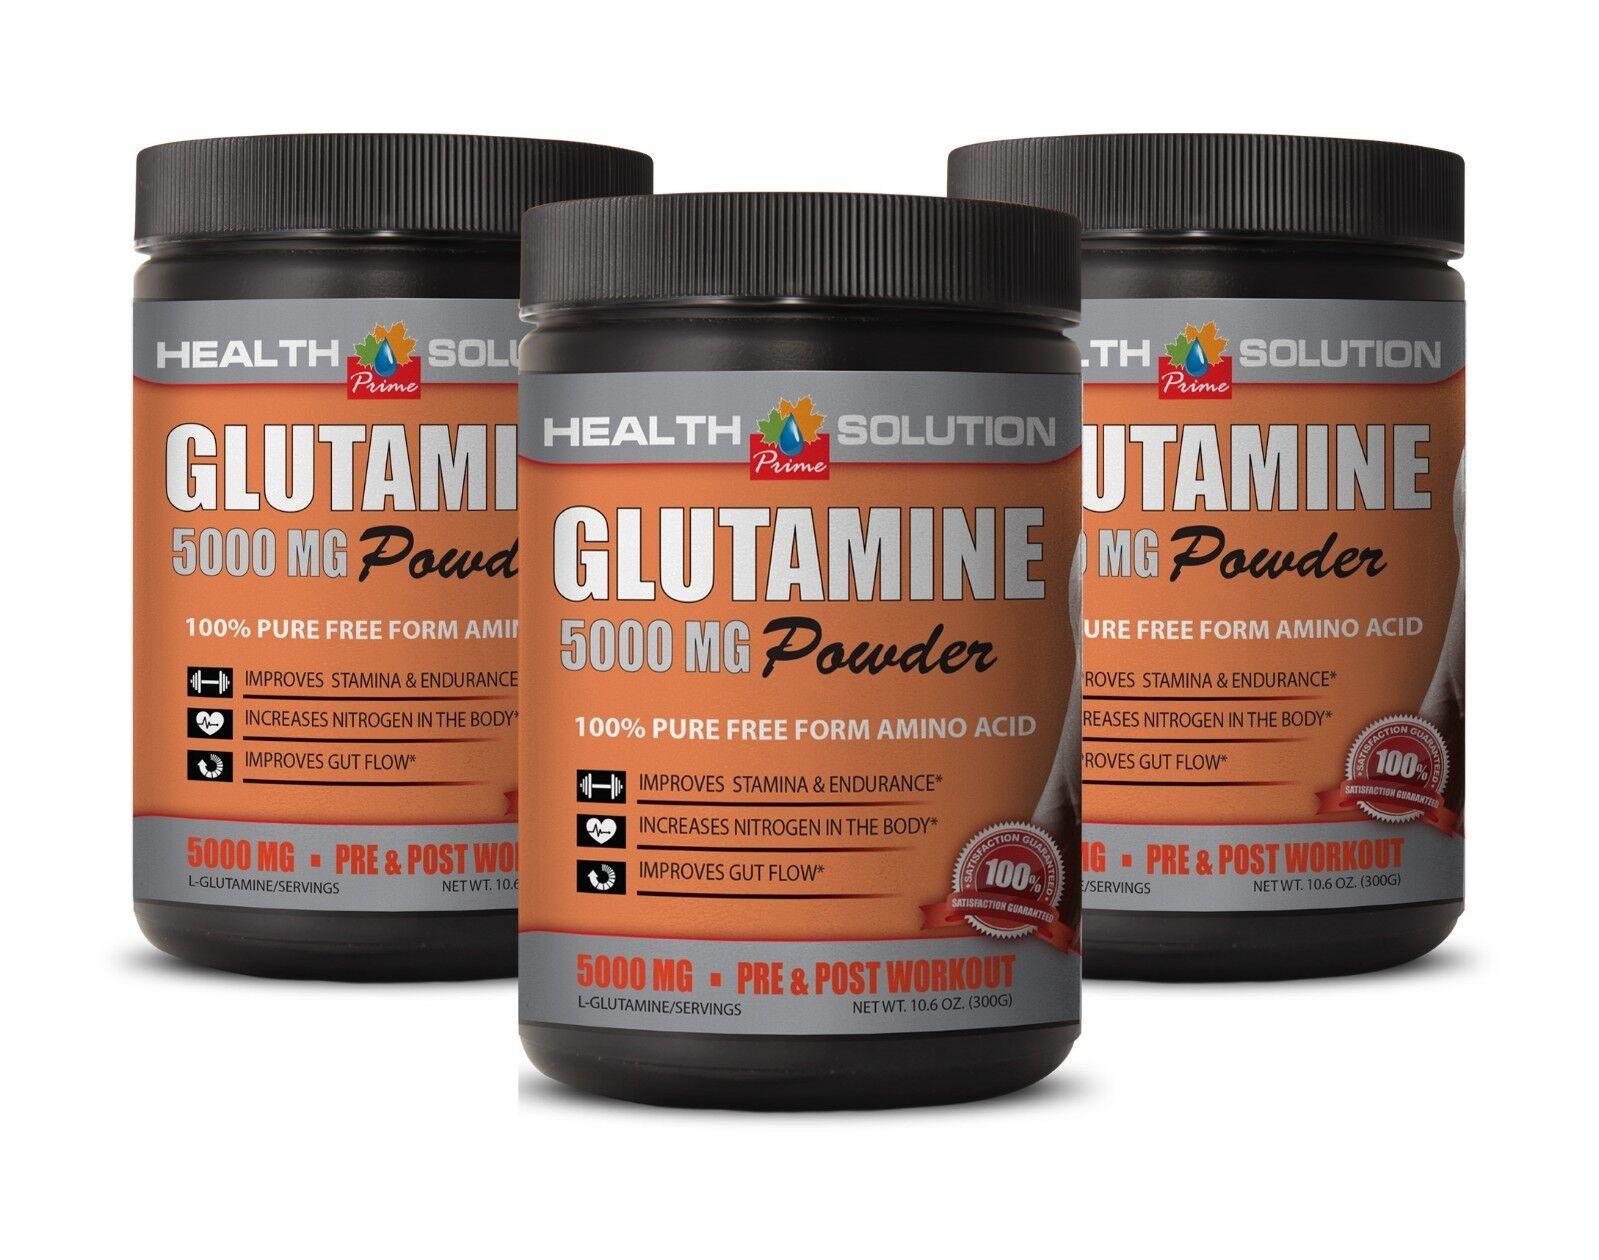 glutamine workout - GLUTAMINE POWDER 5000mg - digestive heal